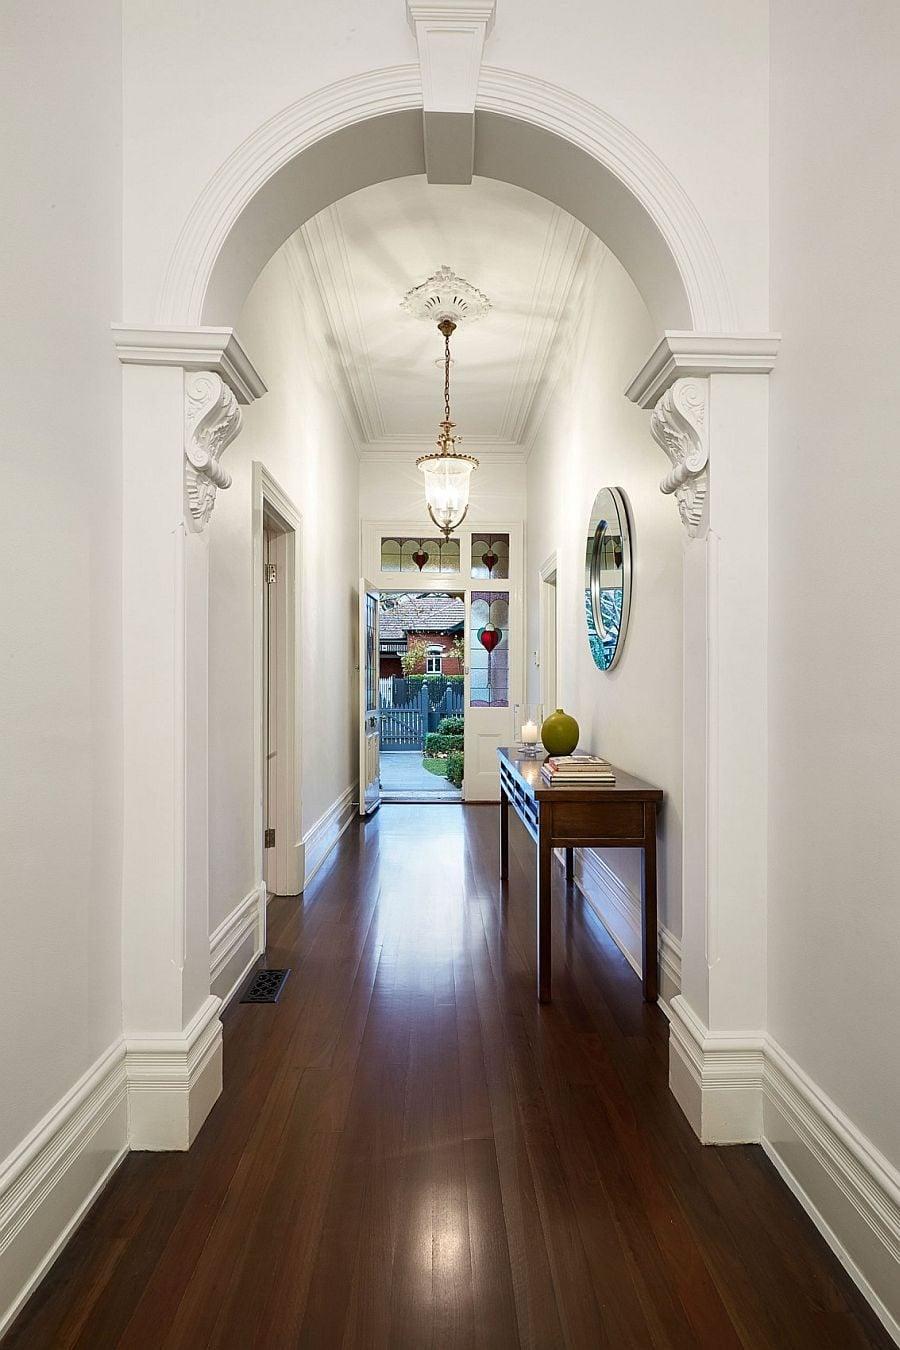 228 Ngôi nhà kết hợp hai phong cách hiện đại và cổ điển tại Úc qpdesign